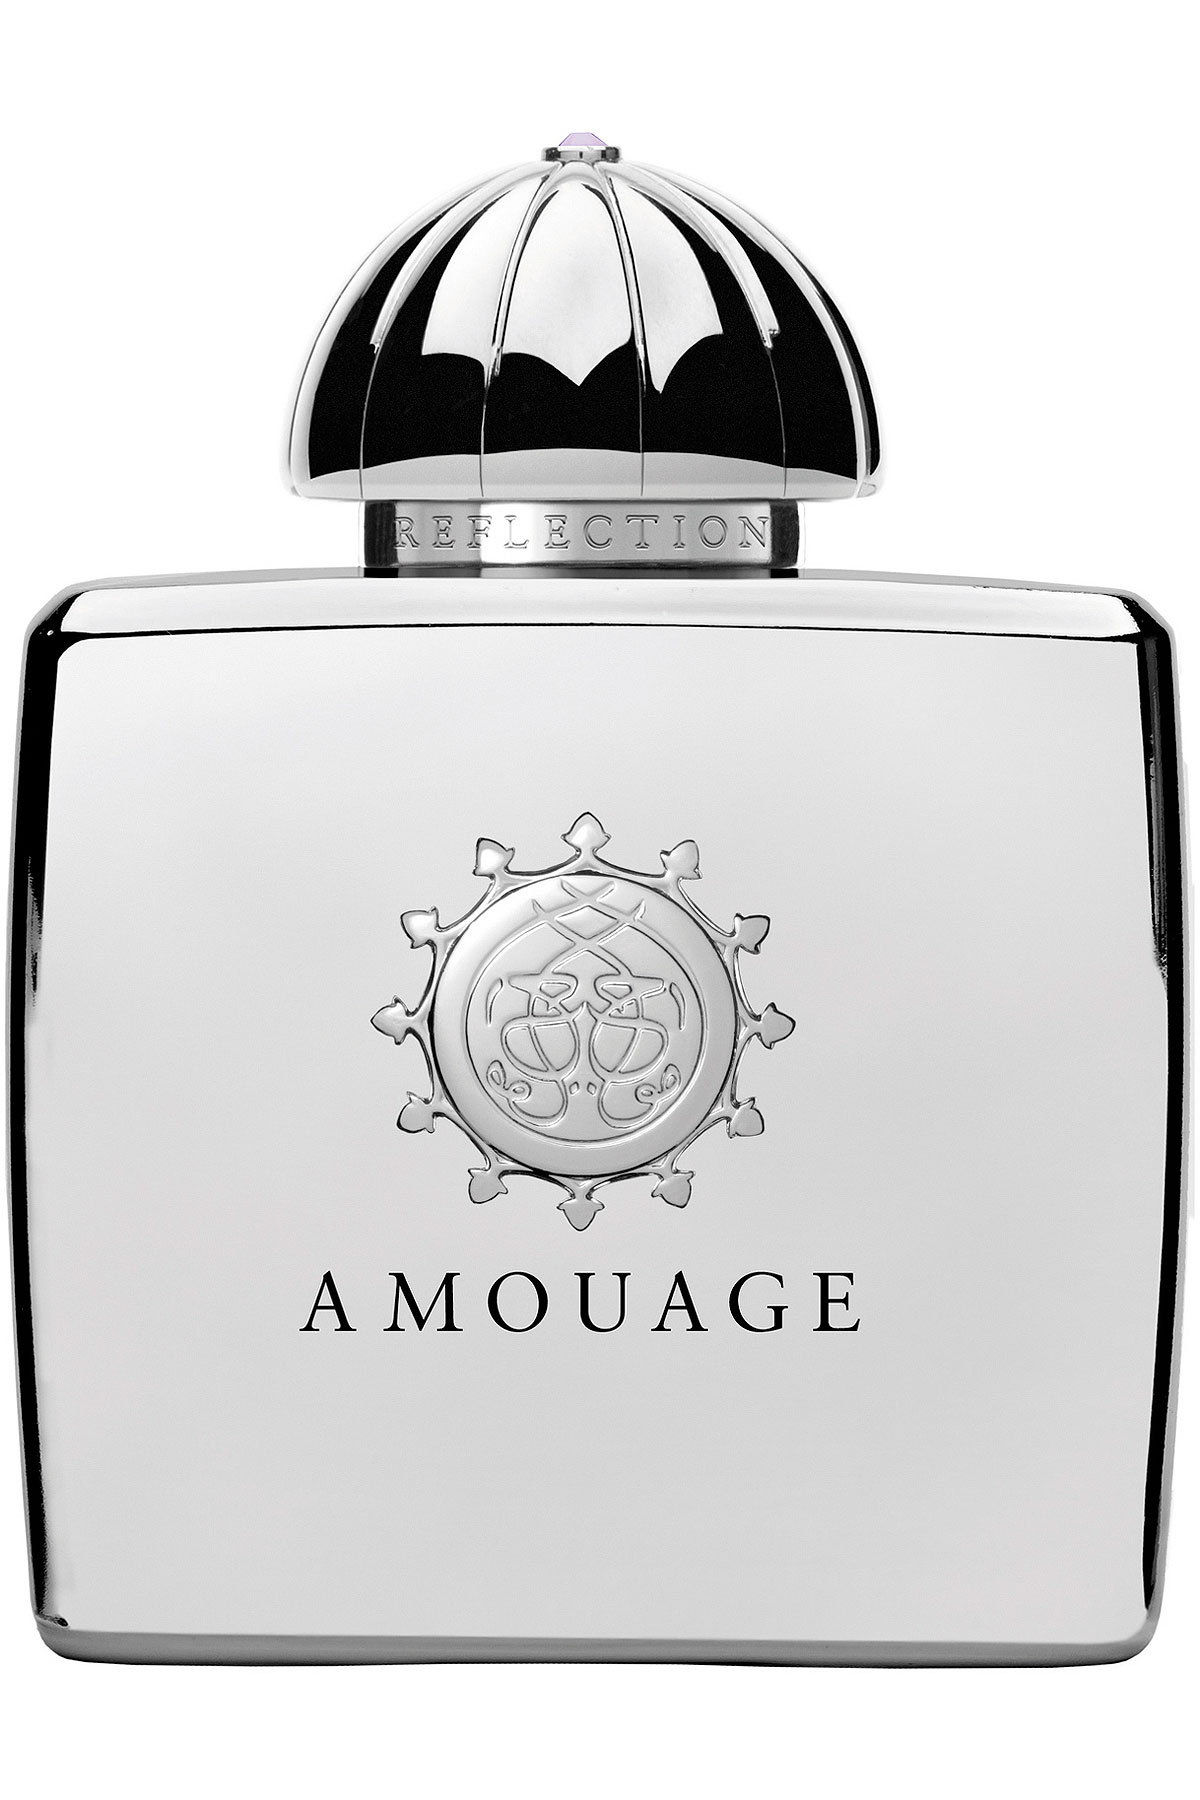 Amouage Fragrances for Women, Reflection Woman - Eau De Parfum - 100 Ml, 2019, 100 ml